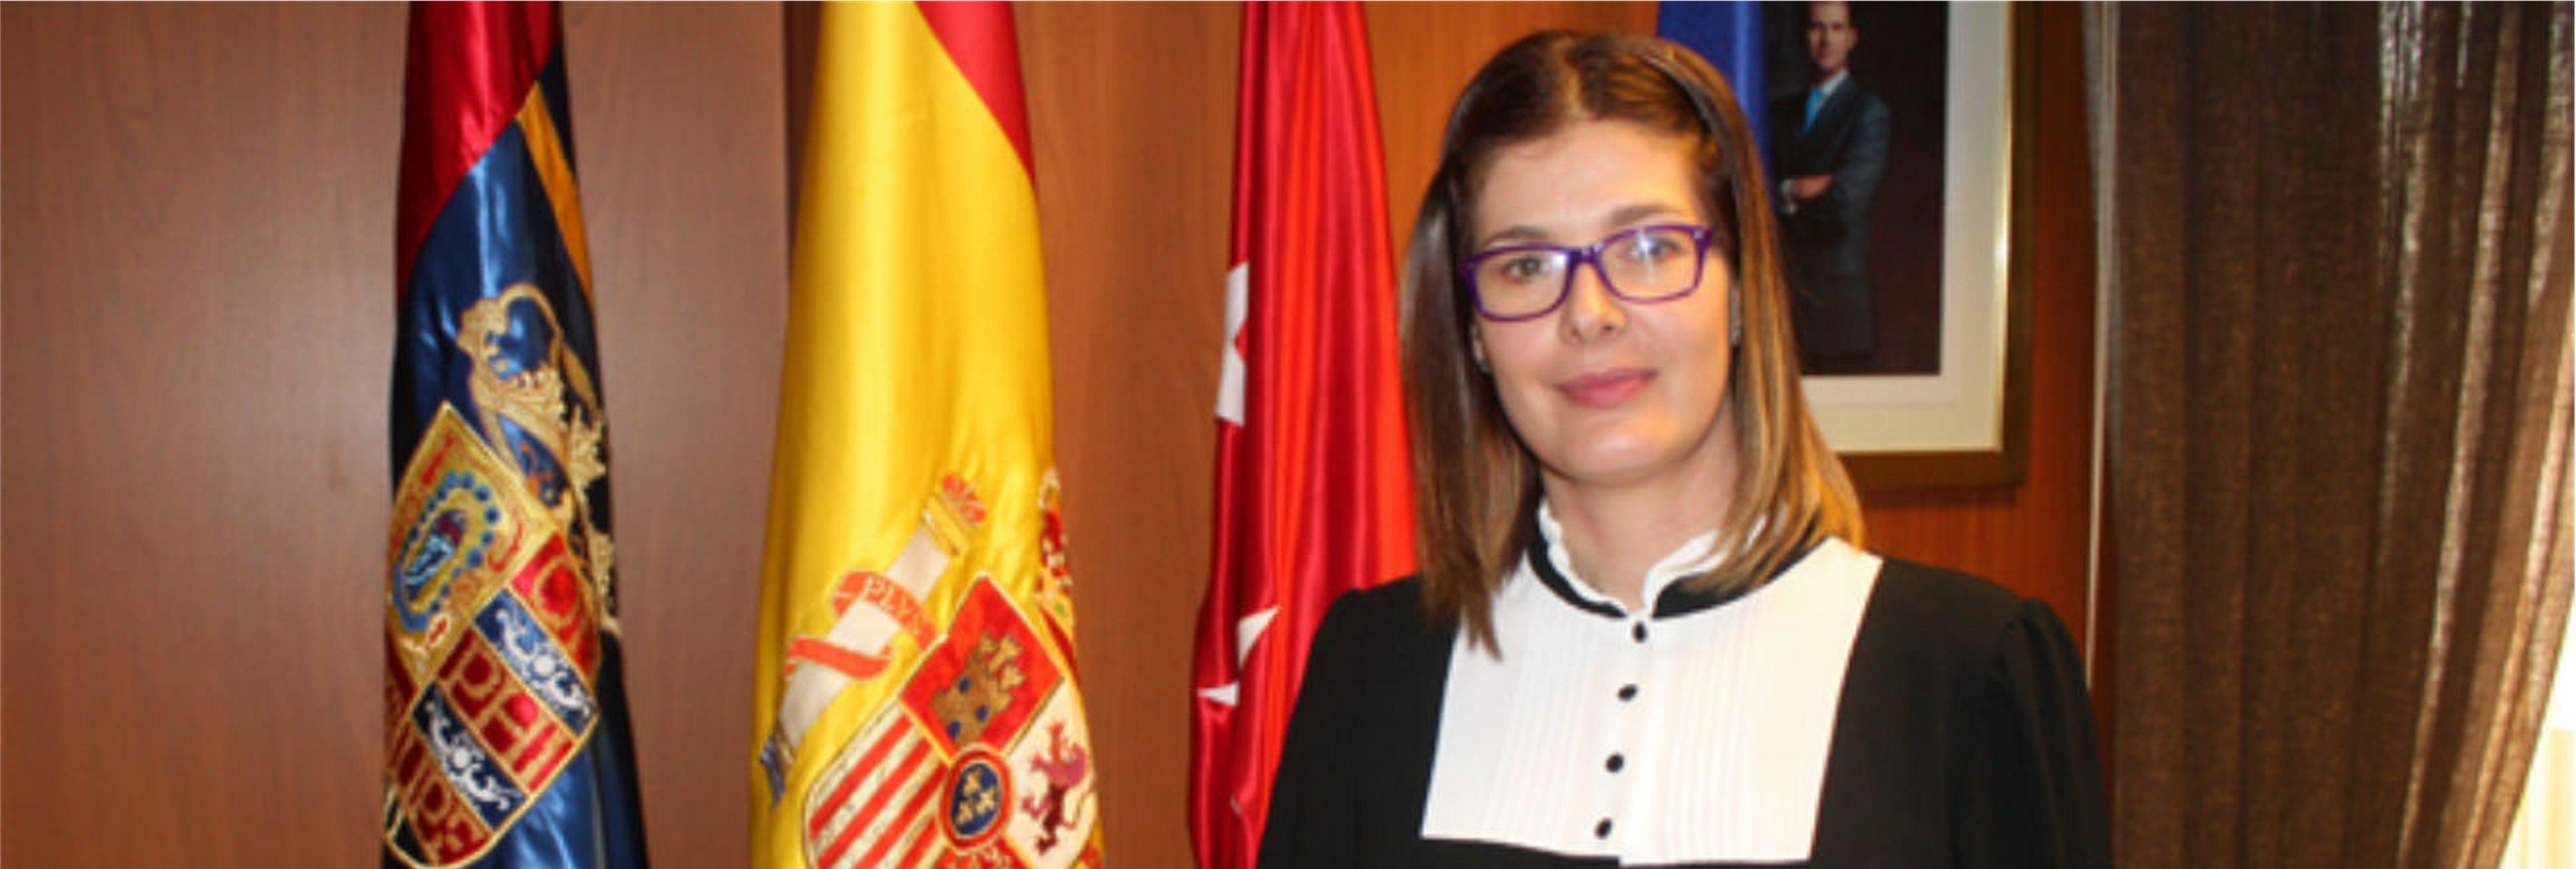 Lo que esconde el caso Noelia Posse, la alcaldesa de los enchufes a la que nadie en el PSOE quiere tocar